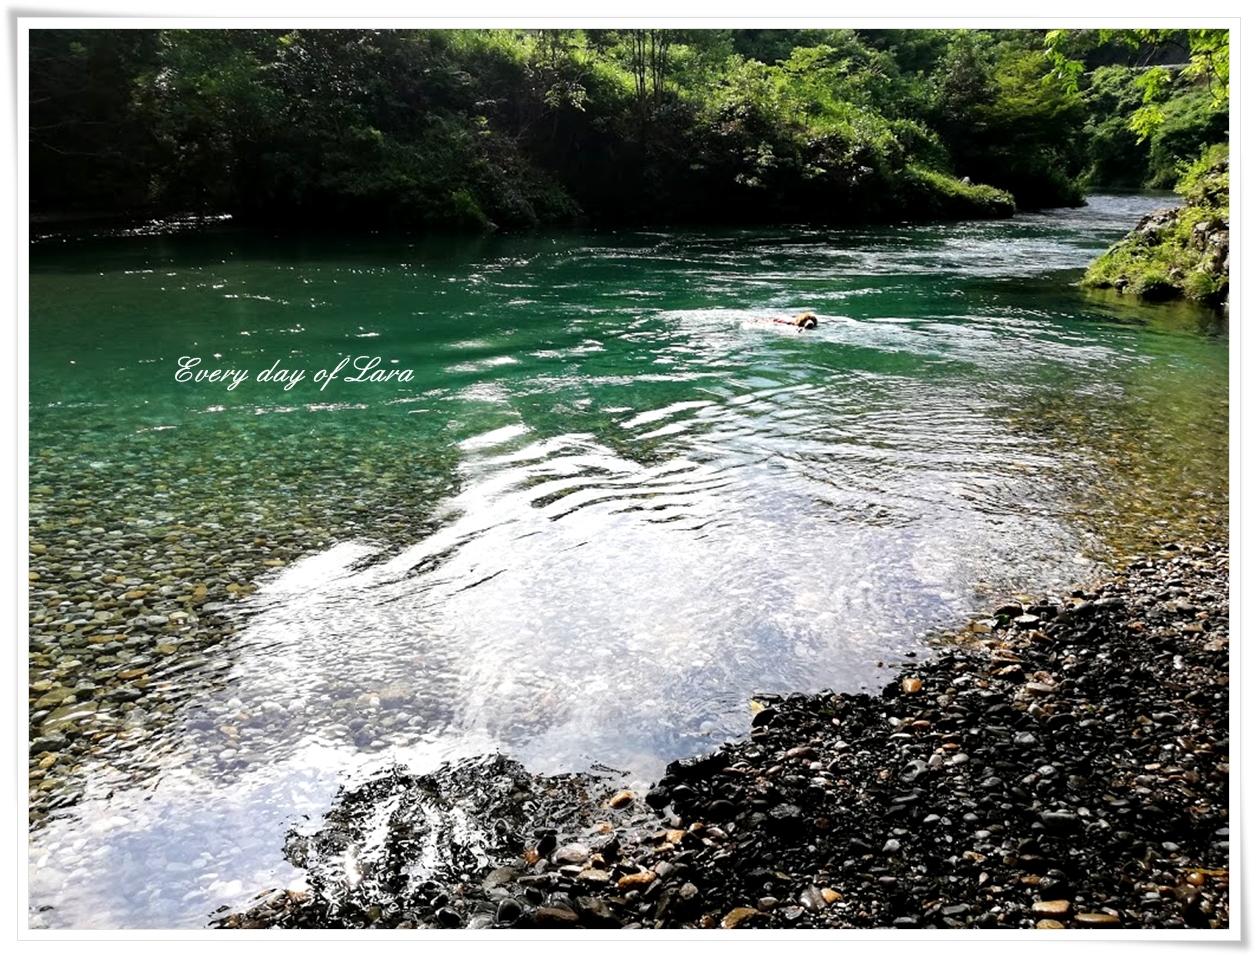 キレイなむぎ川